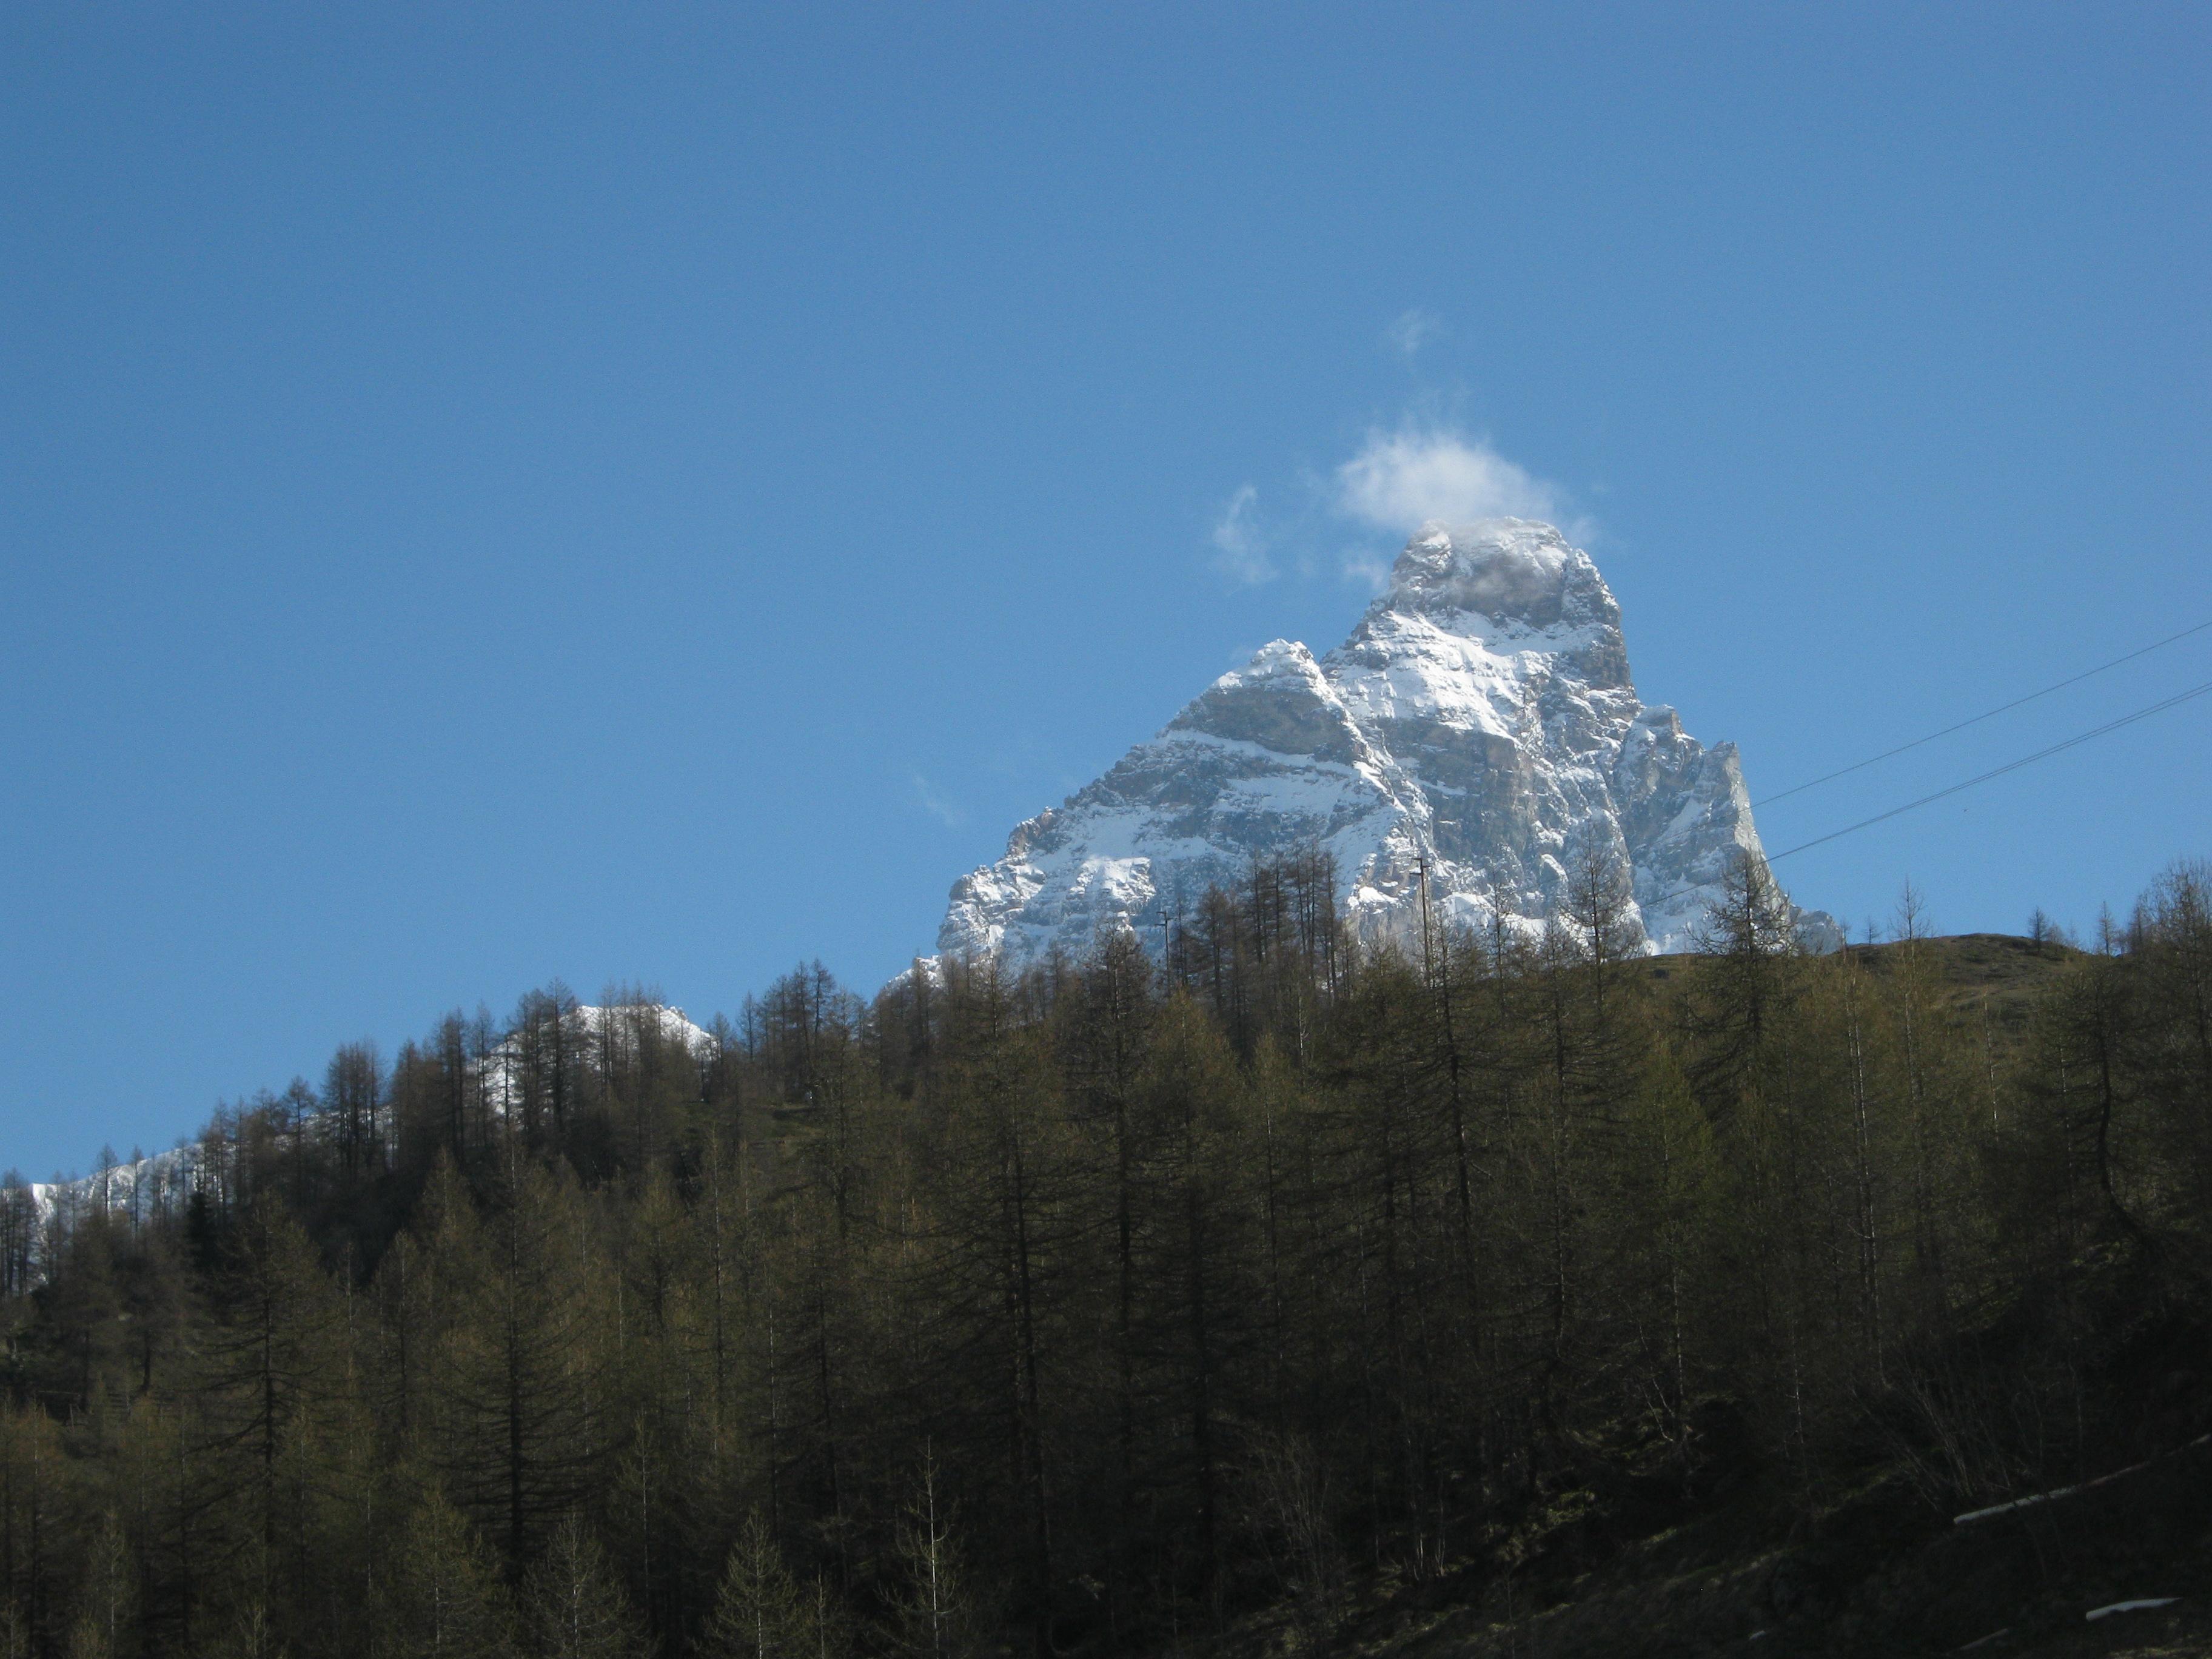 First site of the Matterhorn